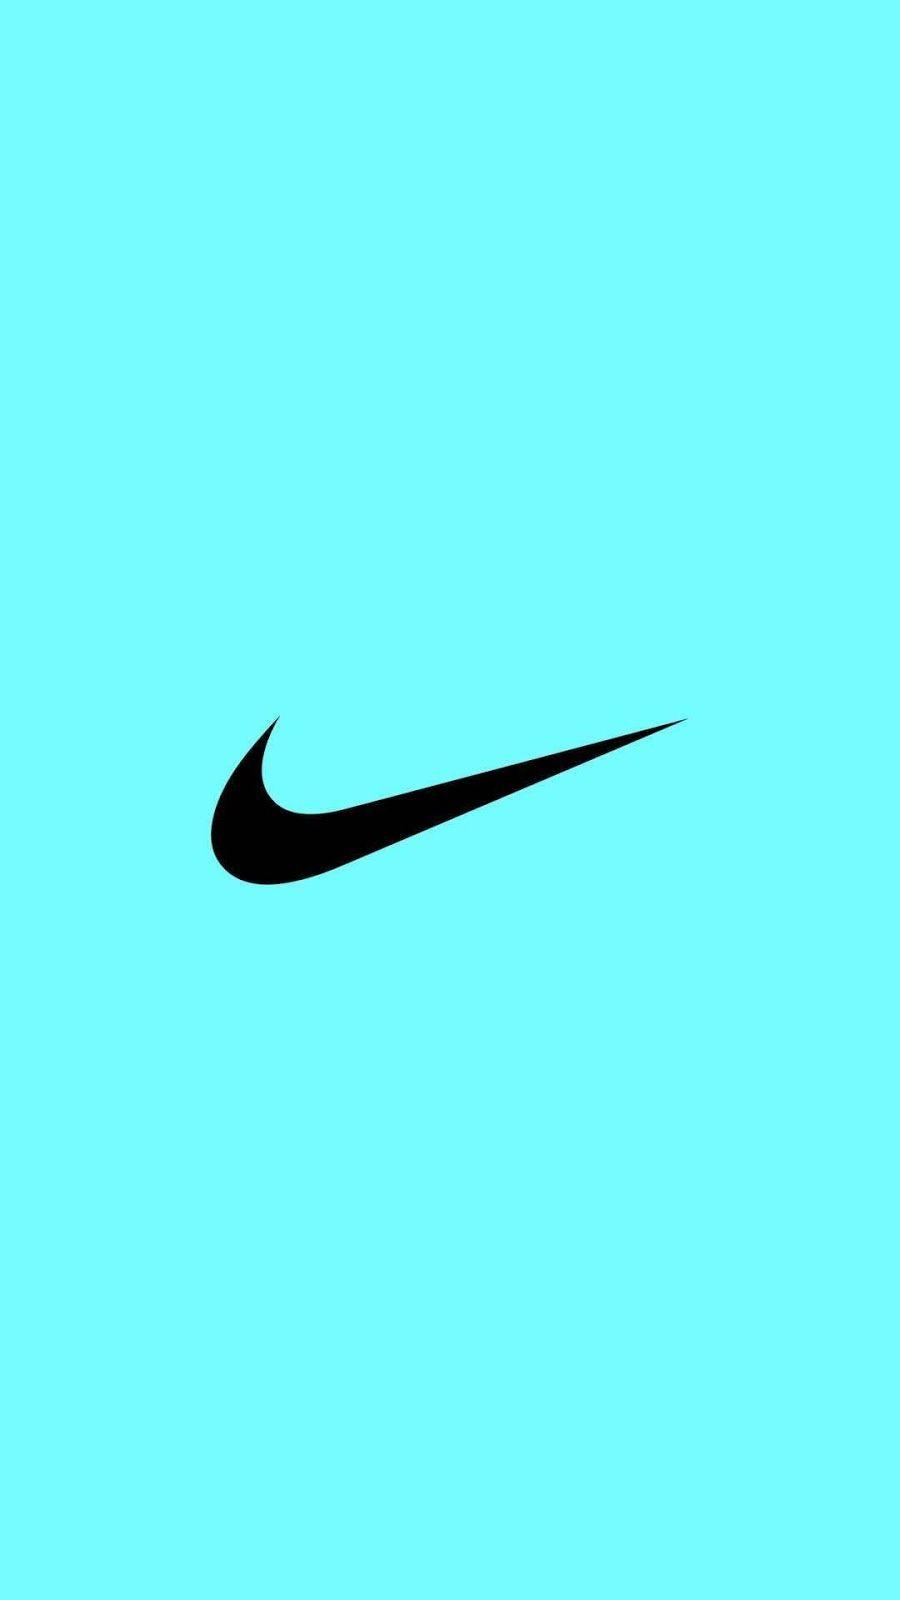 Ligadura Confiar disparar  Nike Iphone Wallpapers HD | Nike wallpaper iphone, Nike wallpaper, Apple wallpaper  iphone